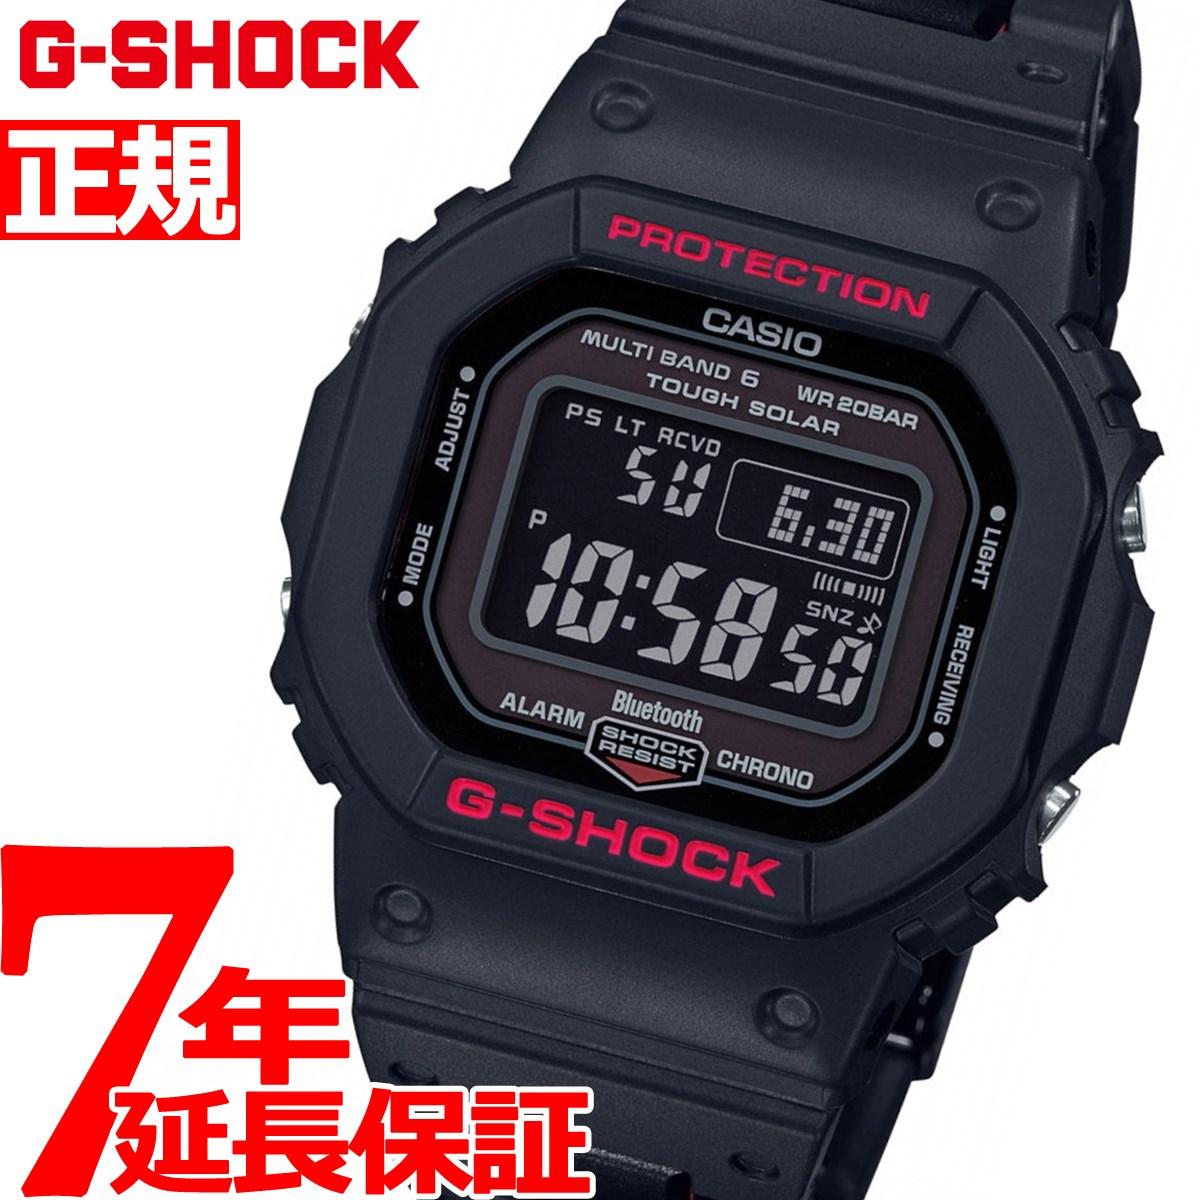 【店内ポイント最大37倍!19日9時59分まで】G-SHOCK デジタル 5600 カシオ Gショック CASIO 腕時計 メンズ GW-B5600HR-1JF【2019 新作】